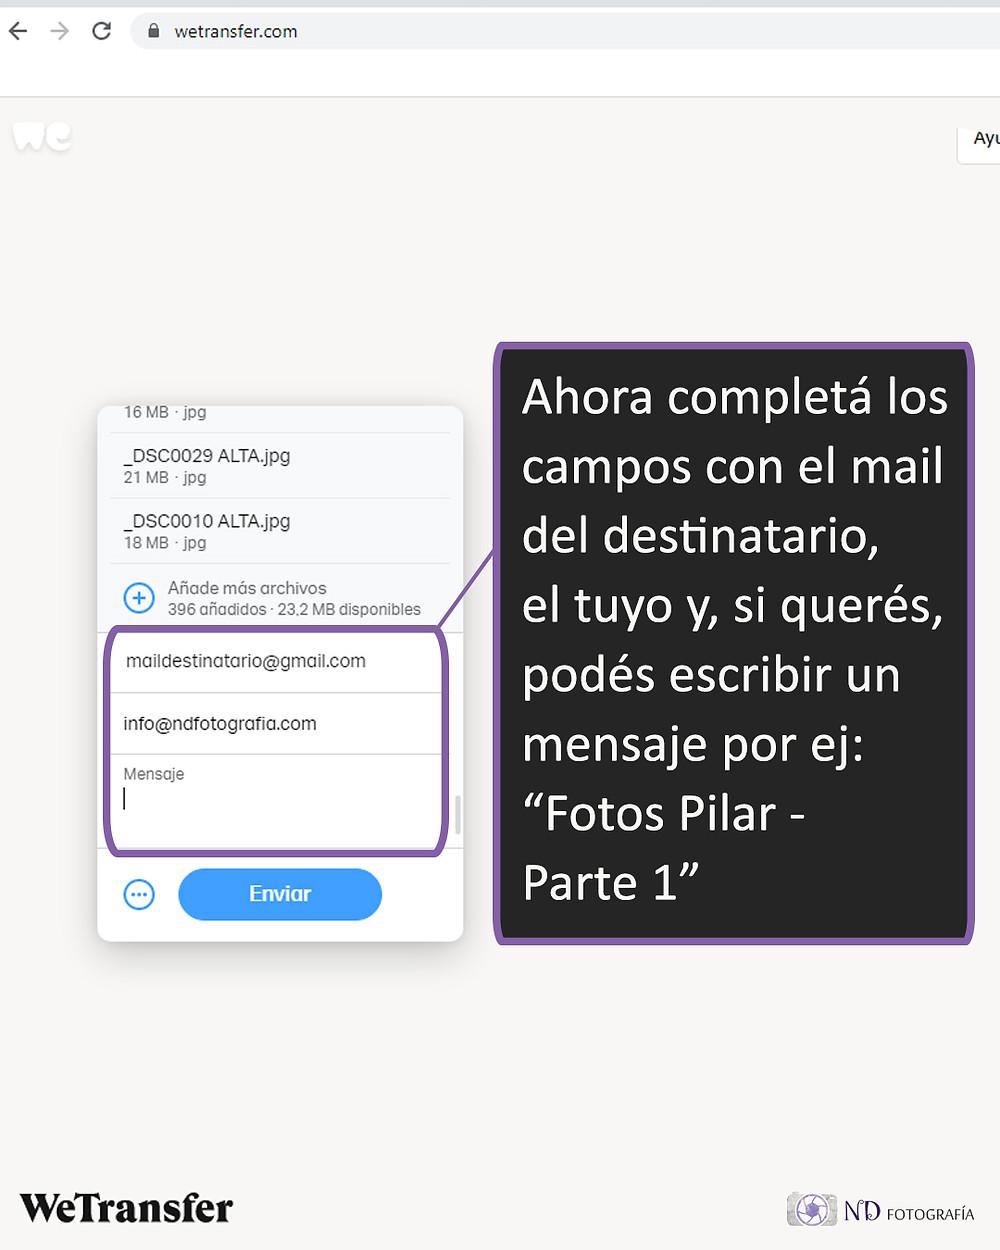 tutorial-para-mandar-fotos-online-wetransfer-paso6